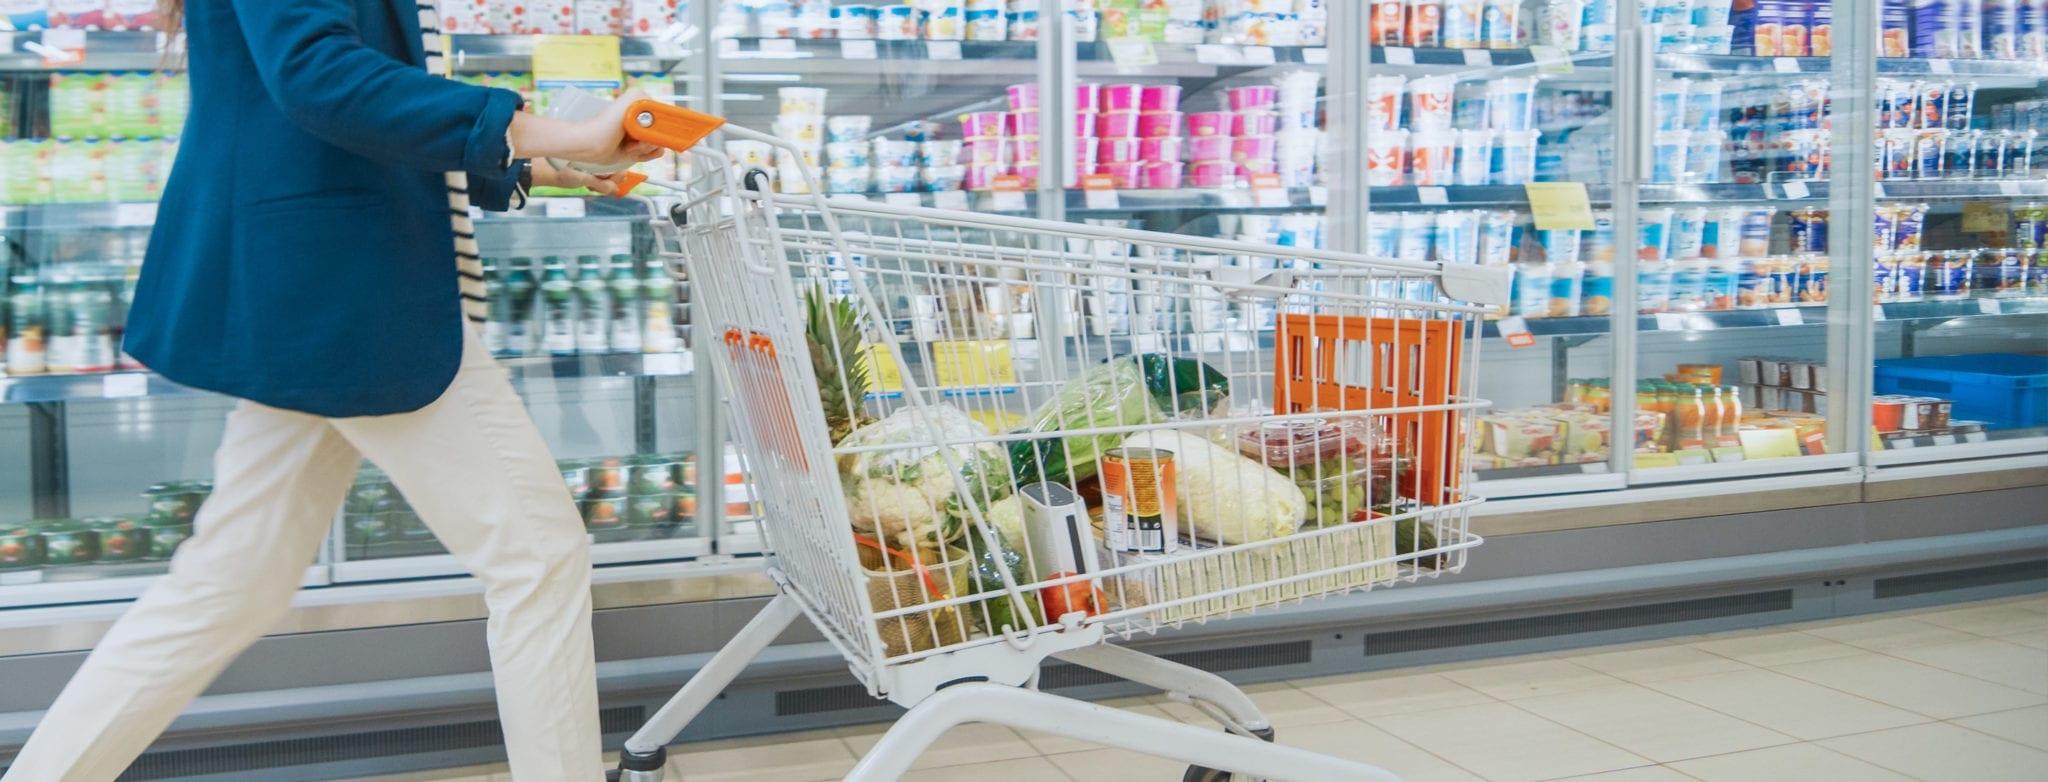 Einkaufswagen vor dem Kühlregal im Supermarkt